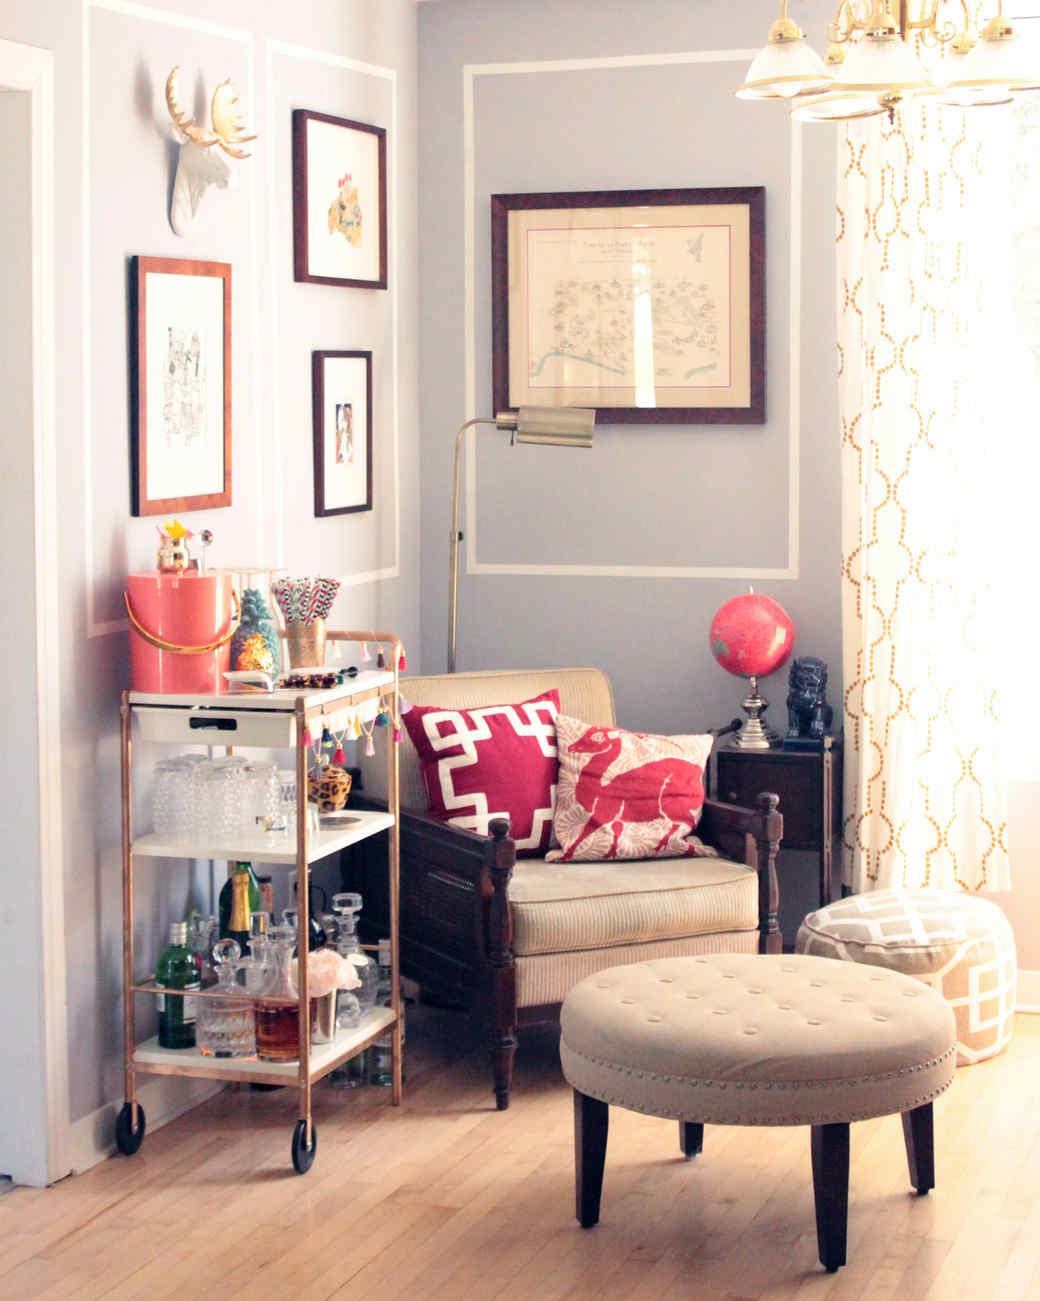 mshome-content-sittingroom3-beforeafter-0925.jpg